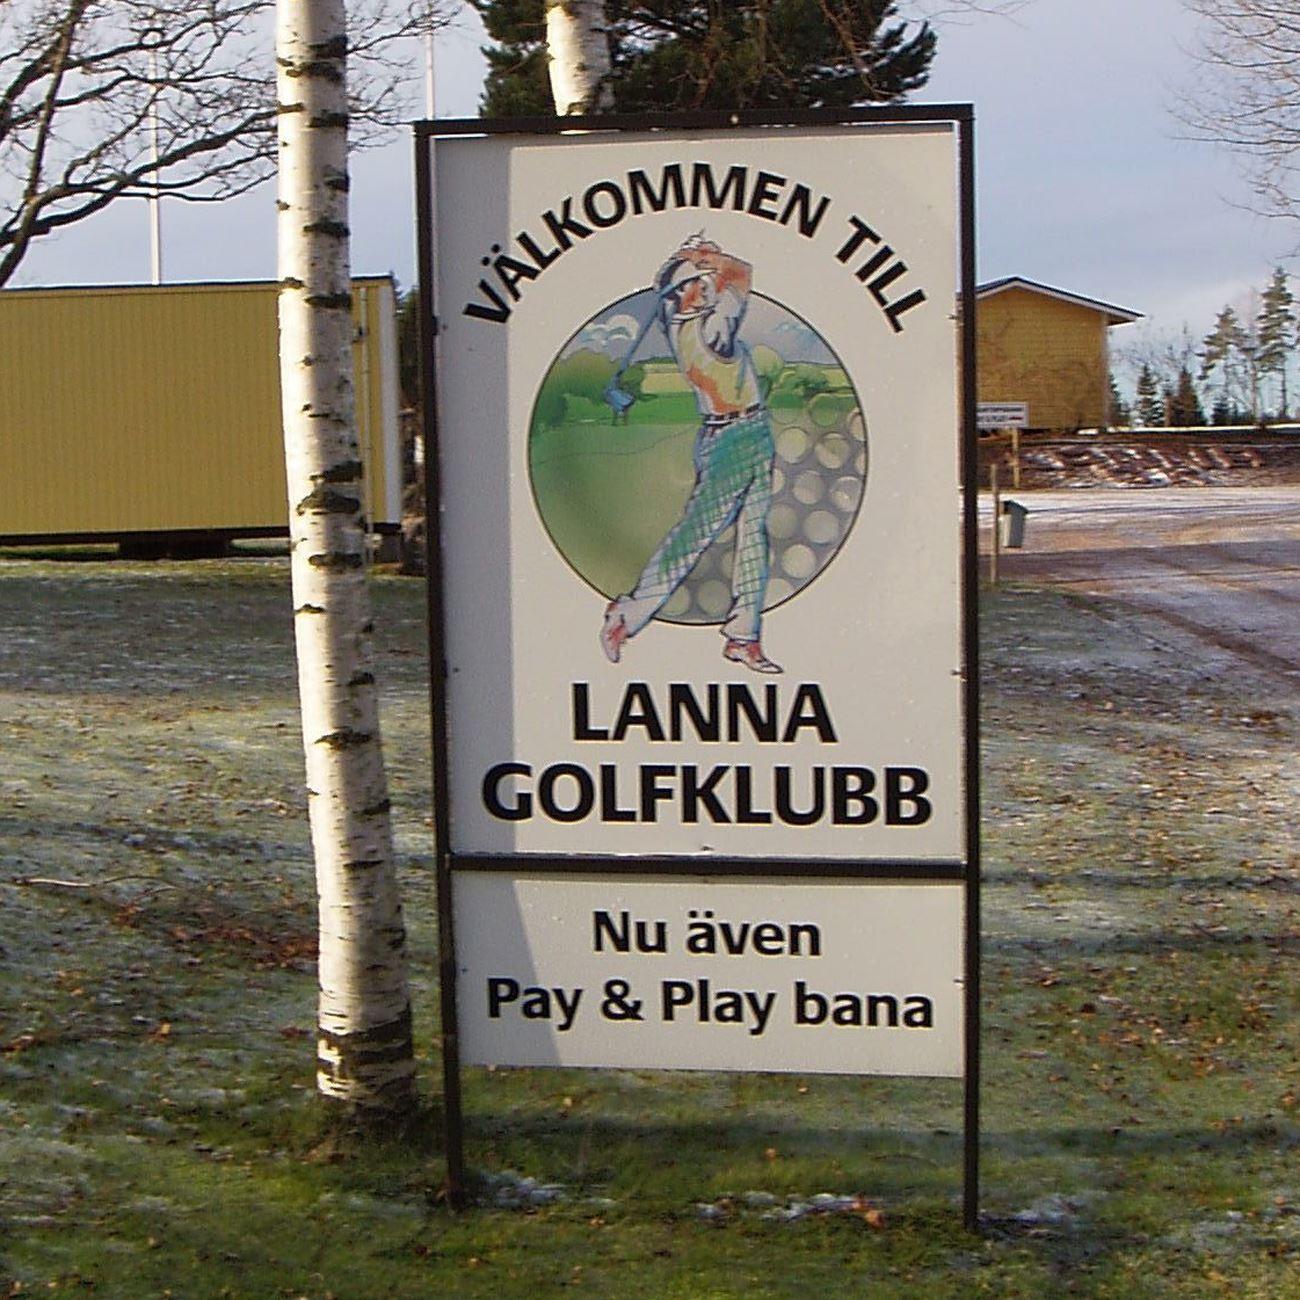 Värnamo Näringsliv AB,  © Värnamo Näringsliv AB , Lanna Golfklubb